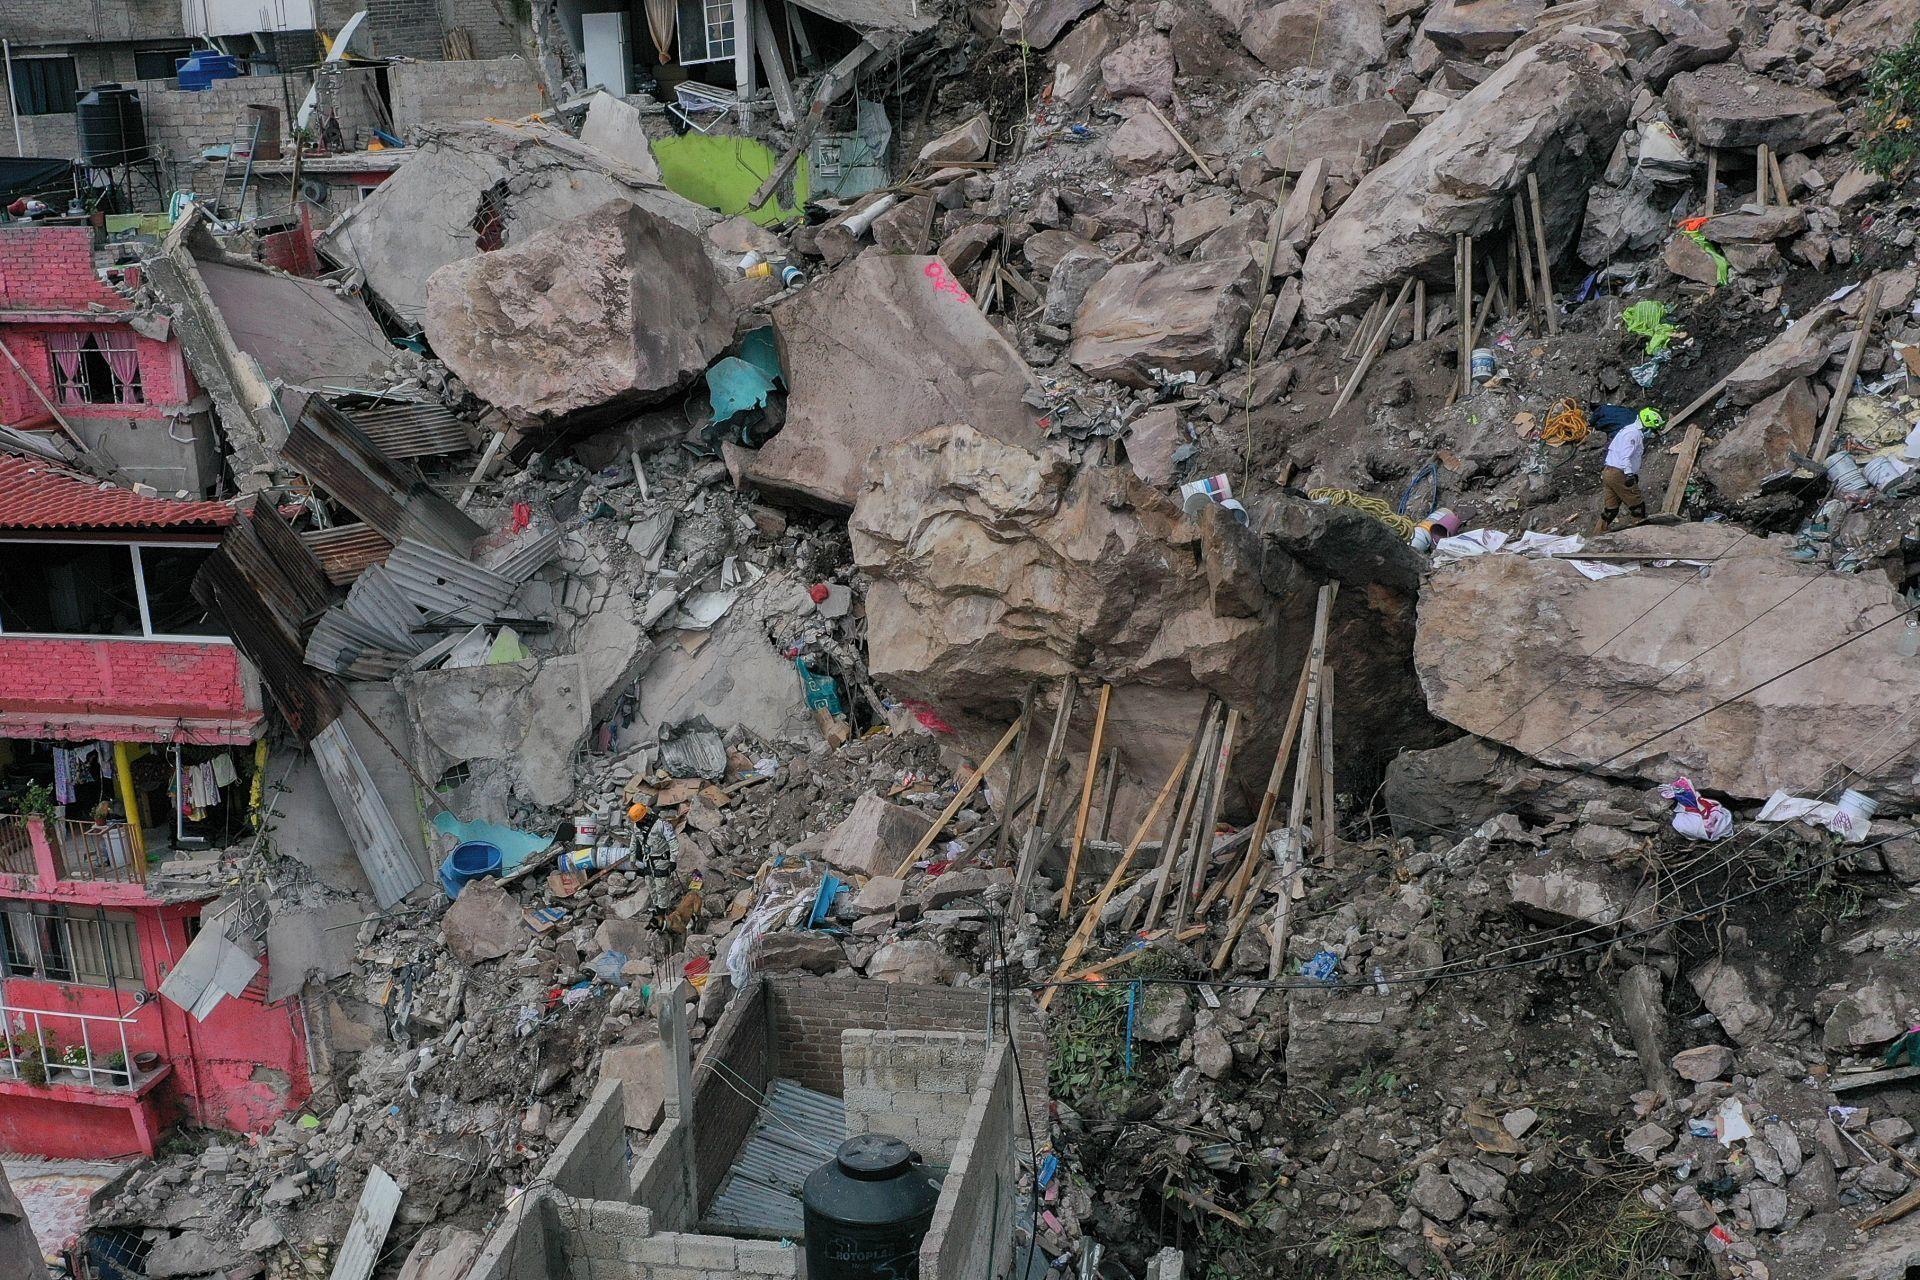 Labores de búsqueda de personas en la zona del desgaje del Cerro del Chiquihuite (Cuartoscuro)